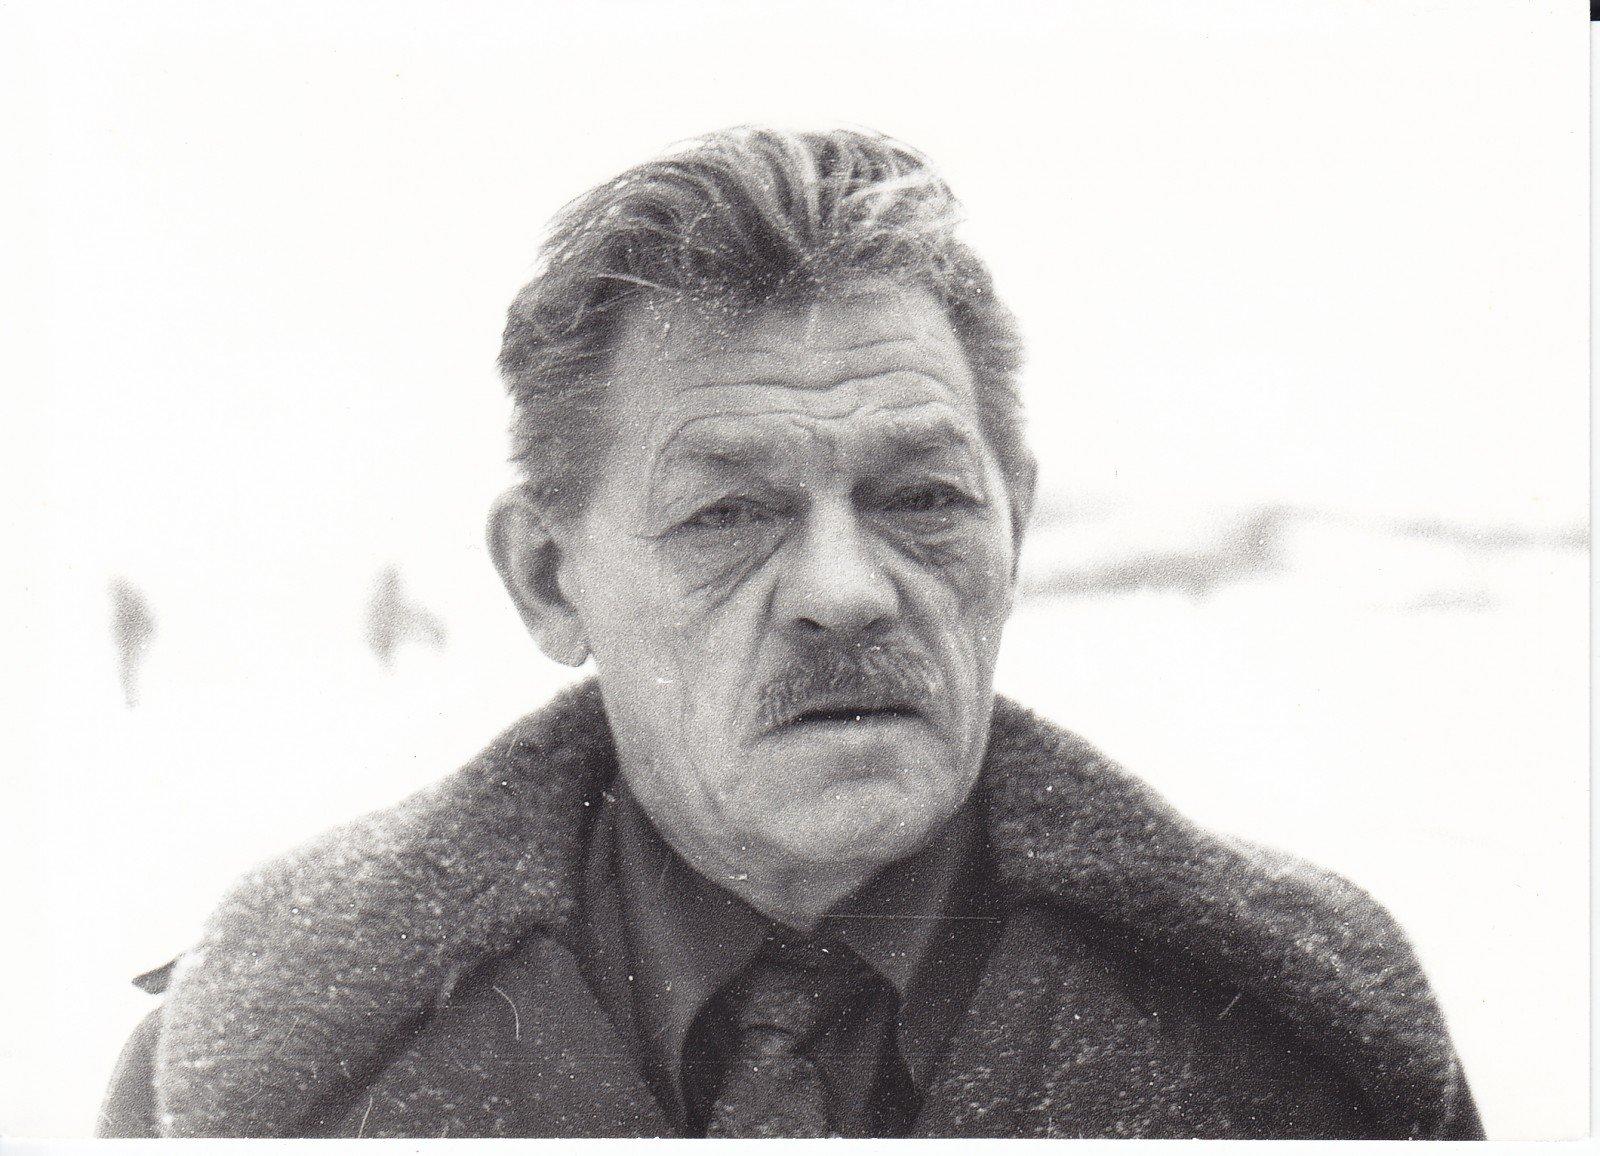 Paulius Širvys apie 1978 m. | Maironio lietuvių literatūros muziejaus fondų nuotr.